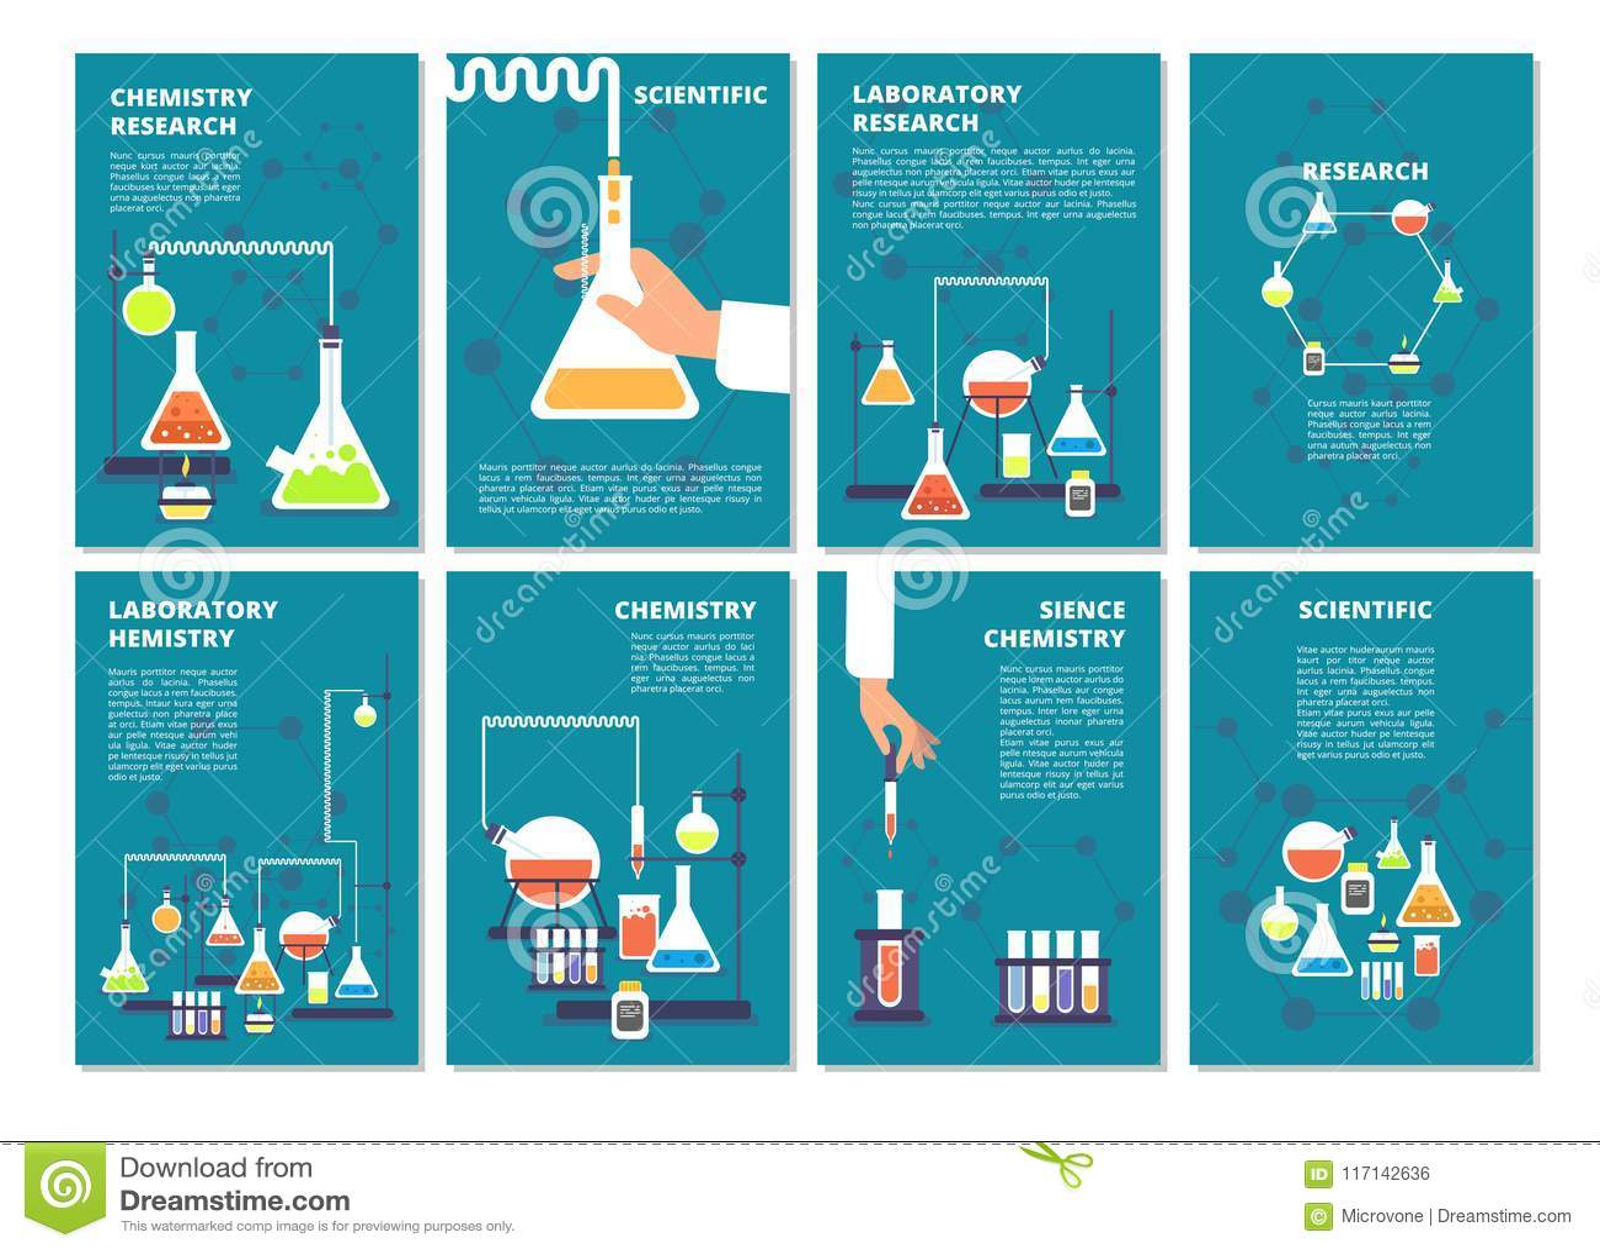 Εργαστηριακή δοκιμή χημείας Εργαστήριο ιατρικής έρευνας επεξεργασίας και επιστήμης φαρμακείων Διανυσματικές καλύψεις βιβλίων, φυλ